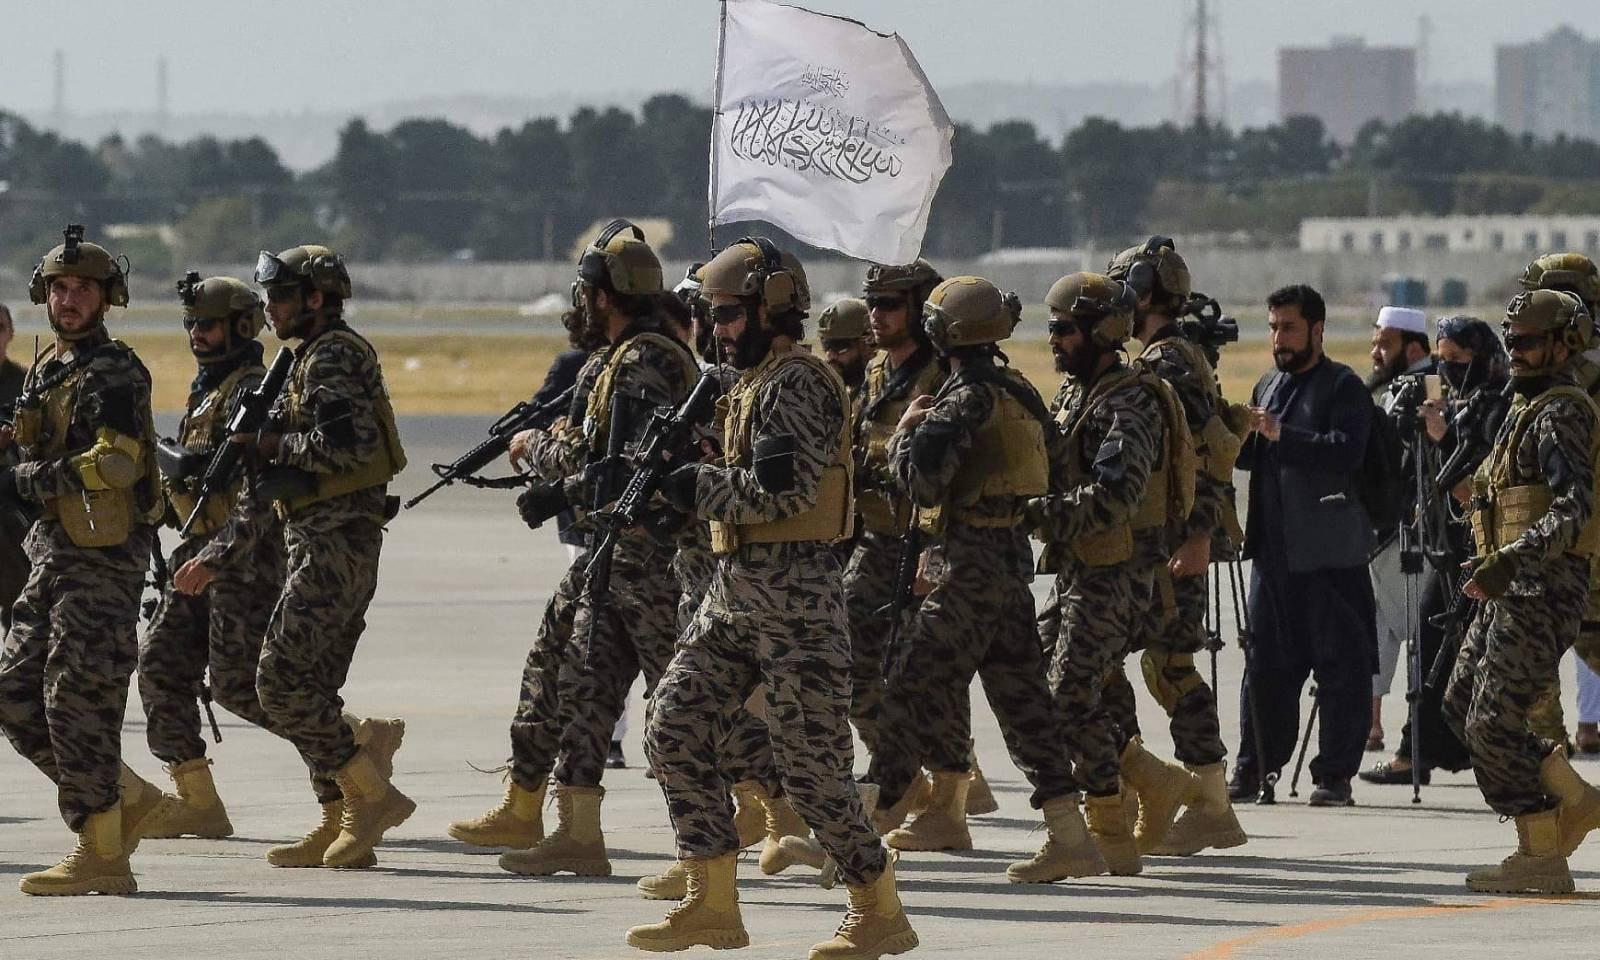 طالبان بدری اسپیشل فورس نے 31 اگست کو کابل ایئرپورٹ کا کنٹرول سنبھال لیا — فوٹو: اے ایف پی